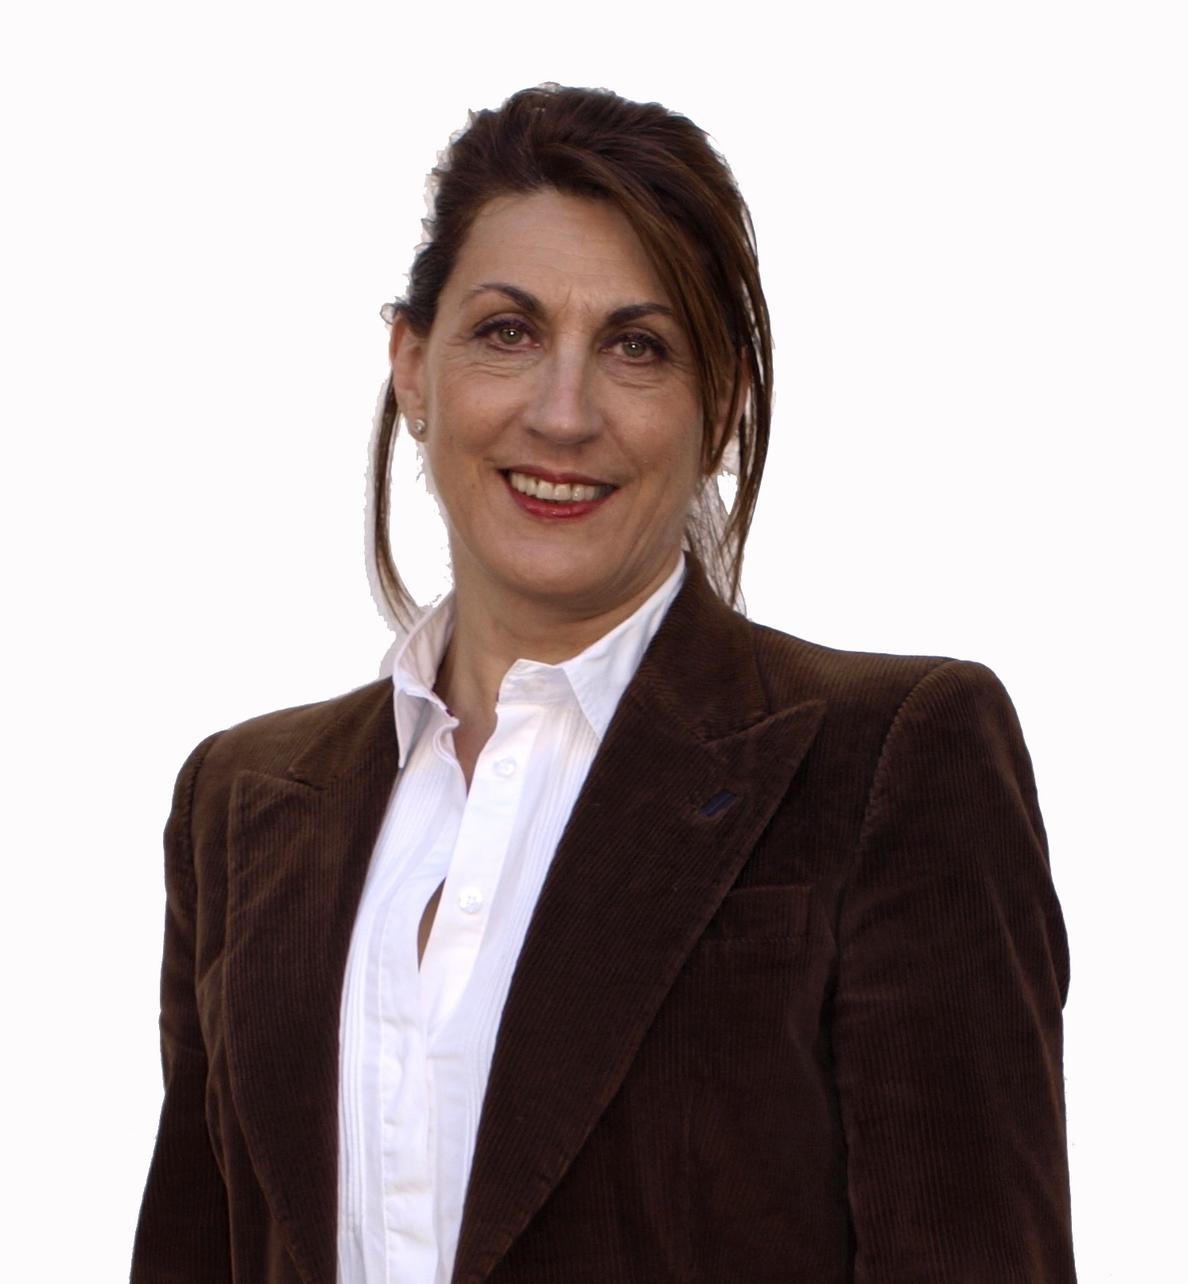 La afiliada de UPyD Murcia Belén Alcalde es elegida para formar parte en las listas europeas de la formación »magenta»